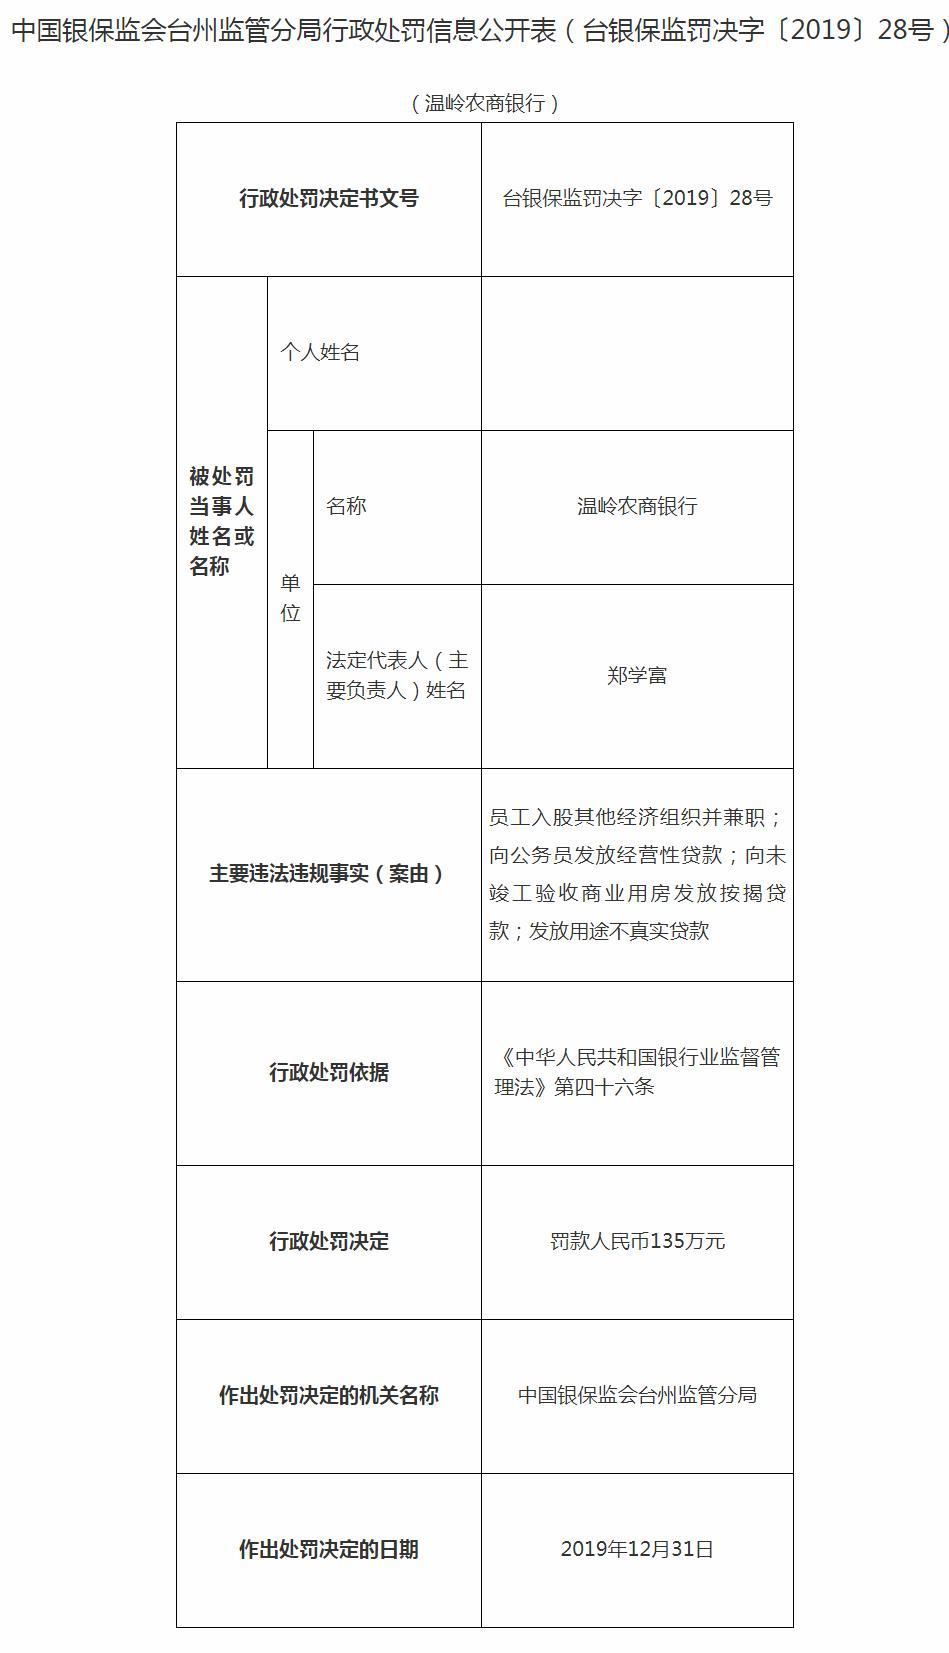 温岭农商银行违法遭罚135万 向公务员发放经营性贷款数宗罪